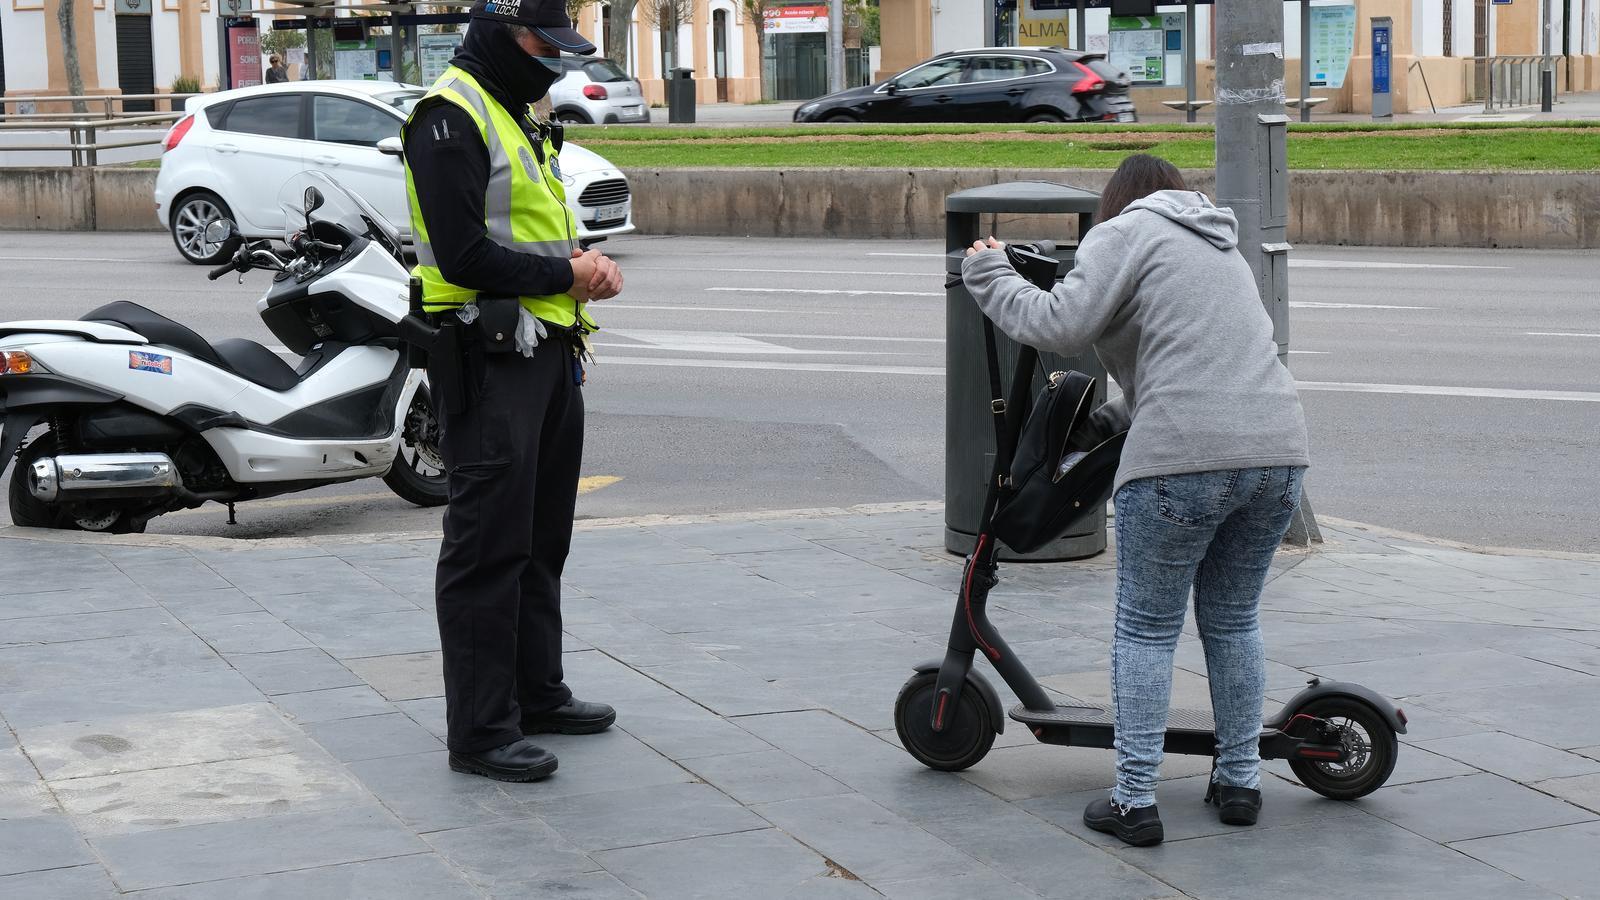 La Policia Local de Palma patrulla per la ciutat per comprovar que es compleixen les restriccions